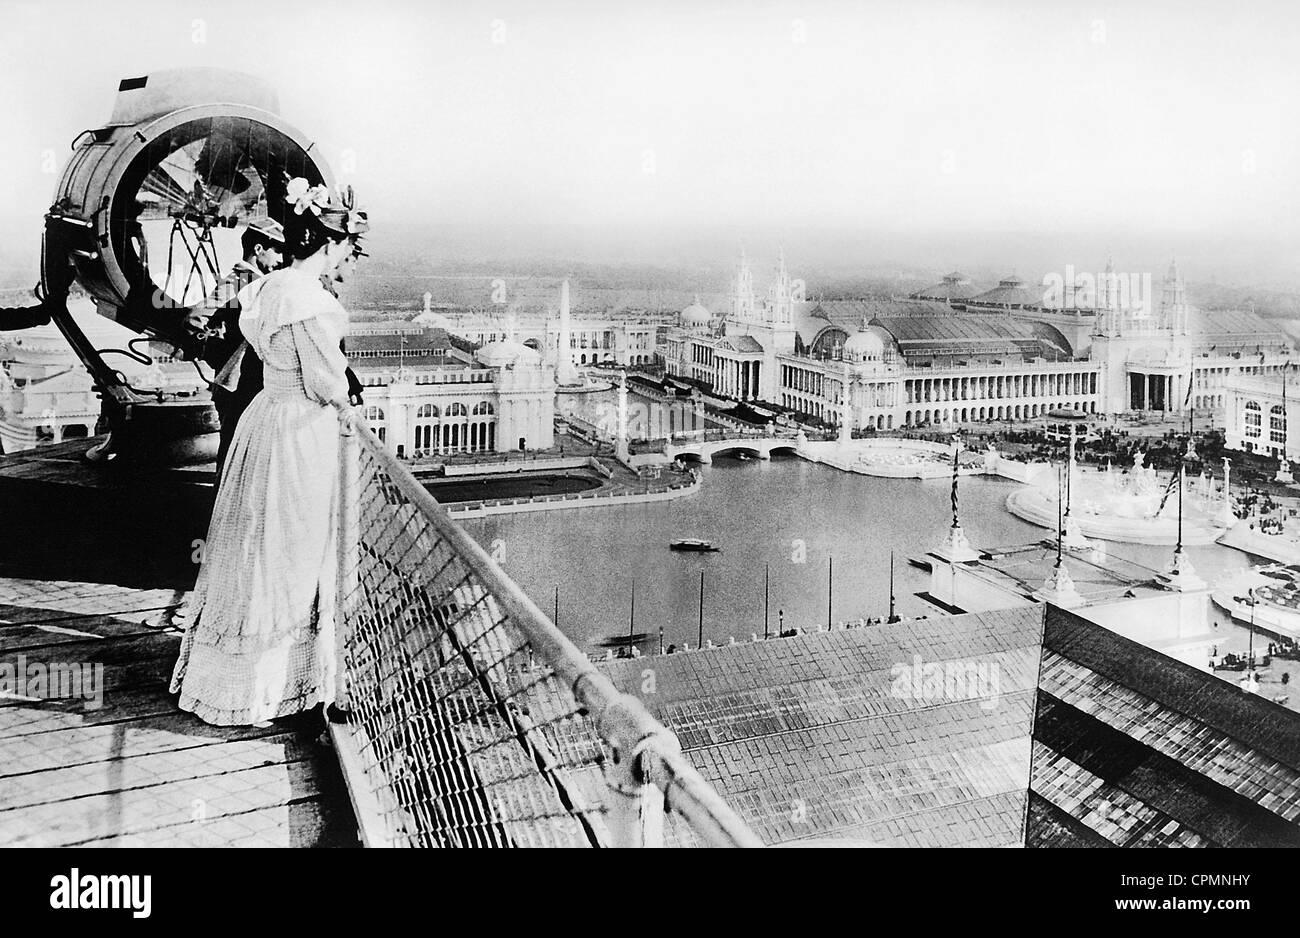 World's Fair in Chicago, 1893